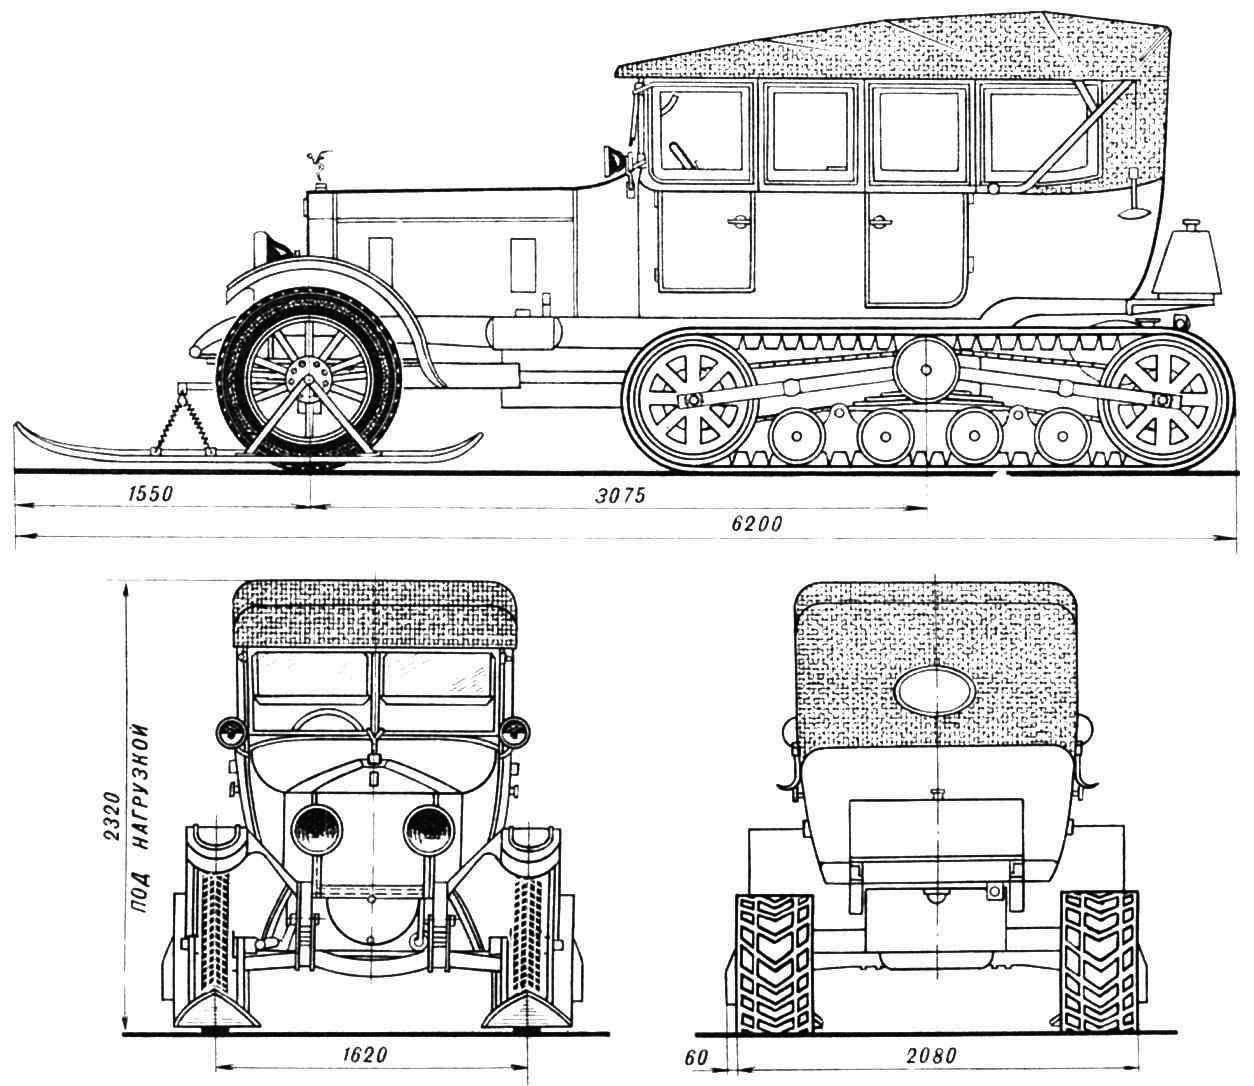 Рис. 1. Схема автосаней на базе автомобиля «Роллс-Ройс»